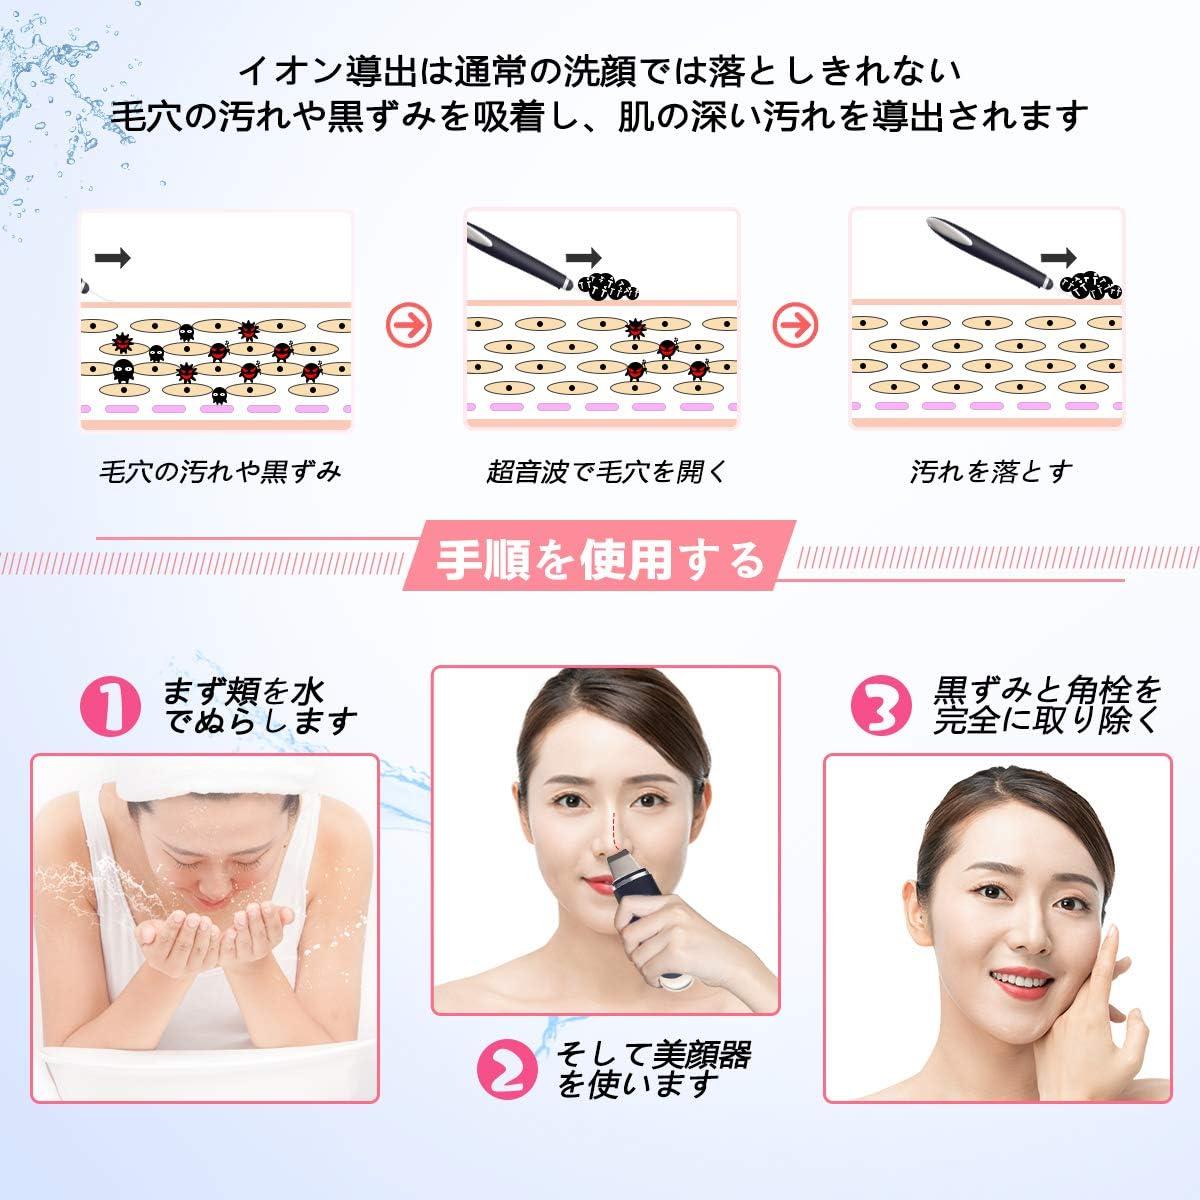 あなたはレーザーで顔の汚れを取り除くことができます